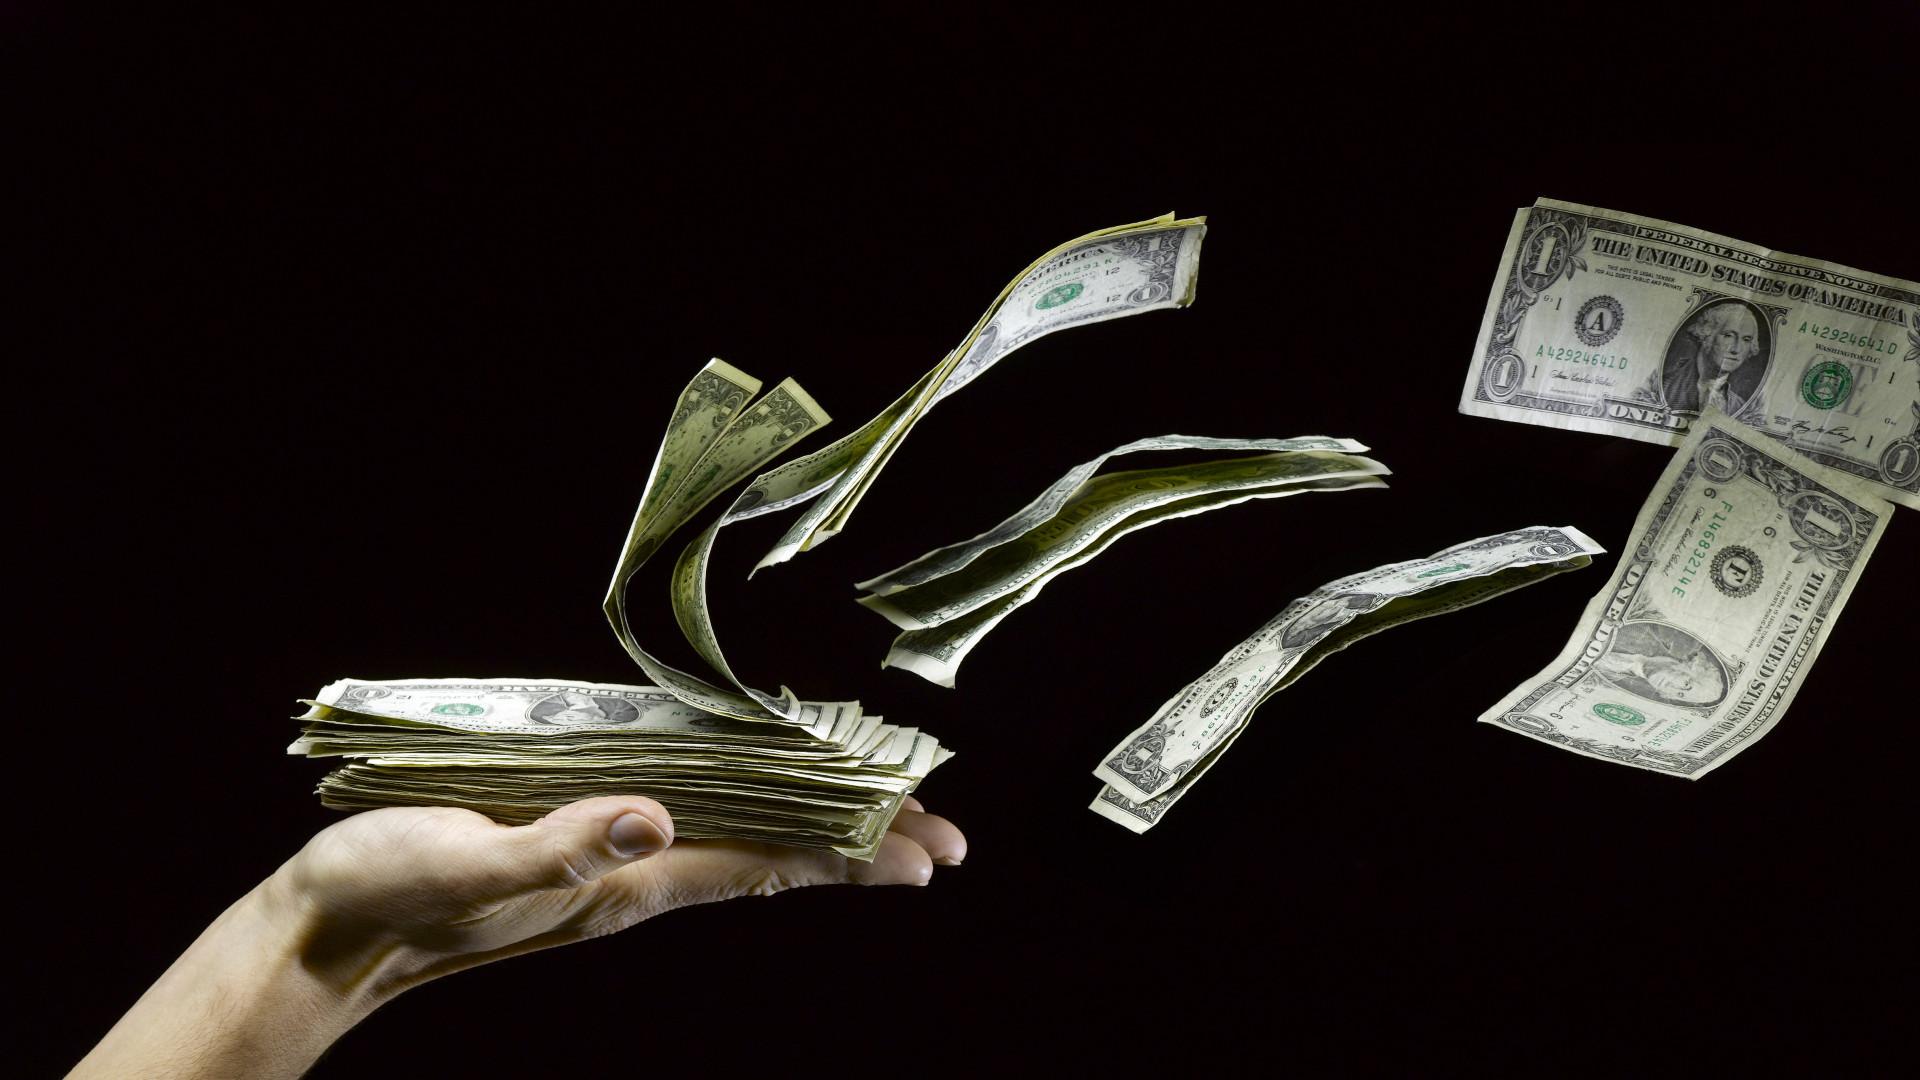 Létezik olyan internetes munka manapság, ami valóban fizet is? – OFE MAGAZIN